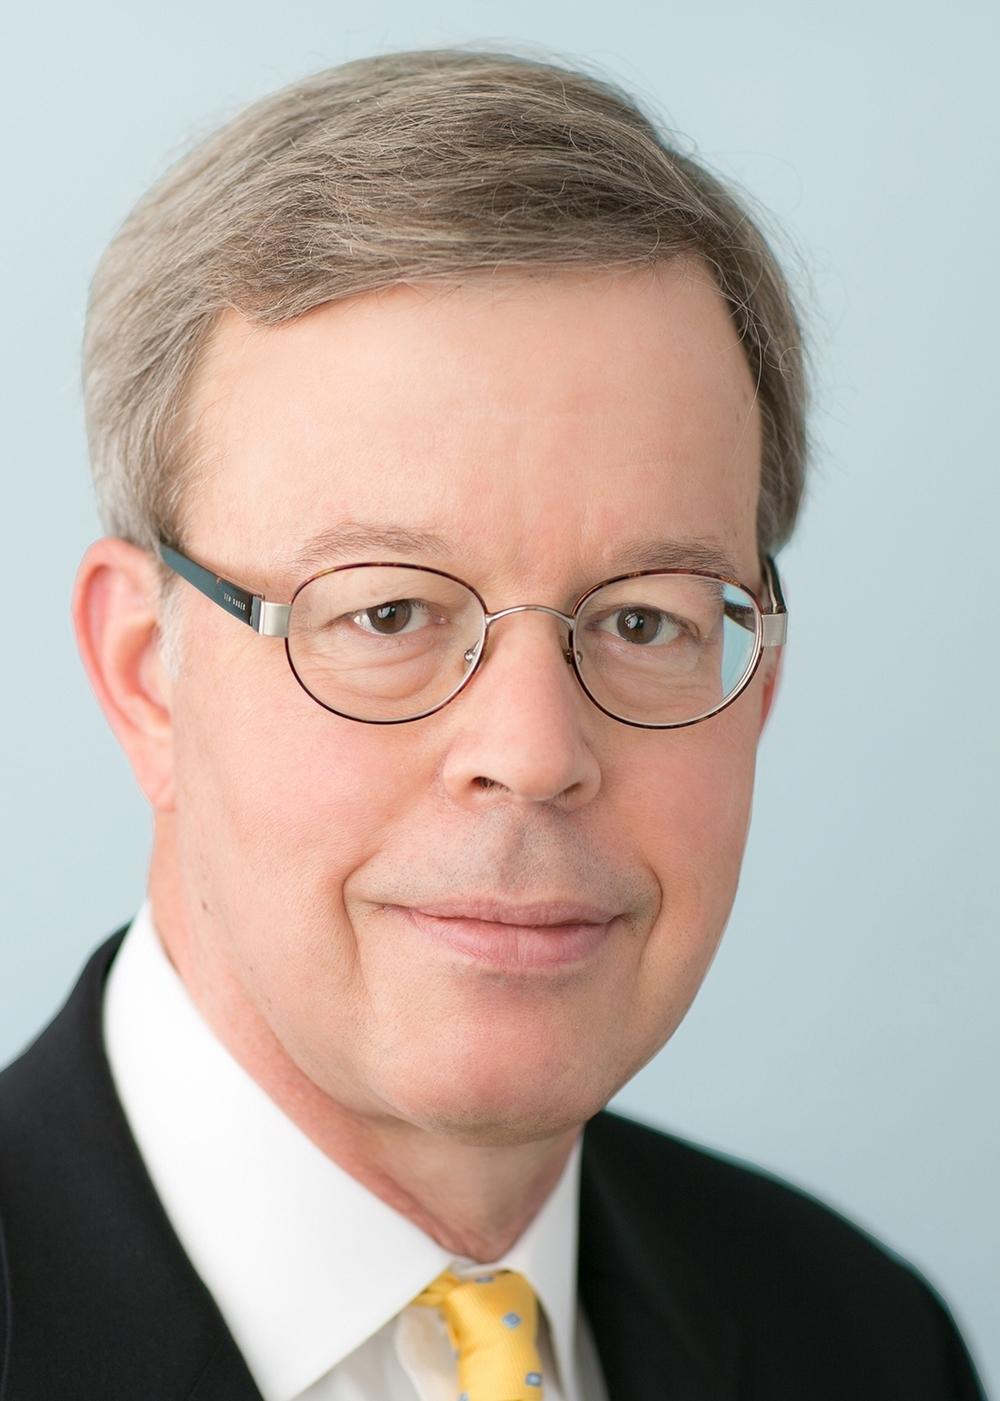 Jim Talent